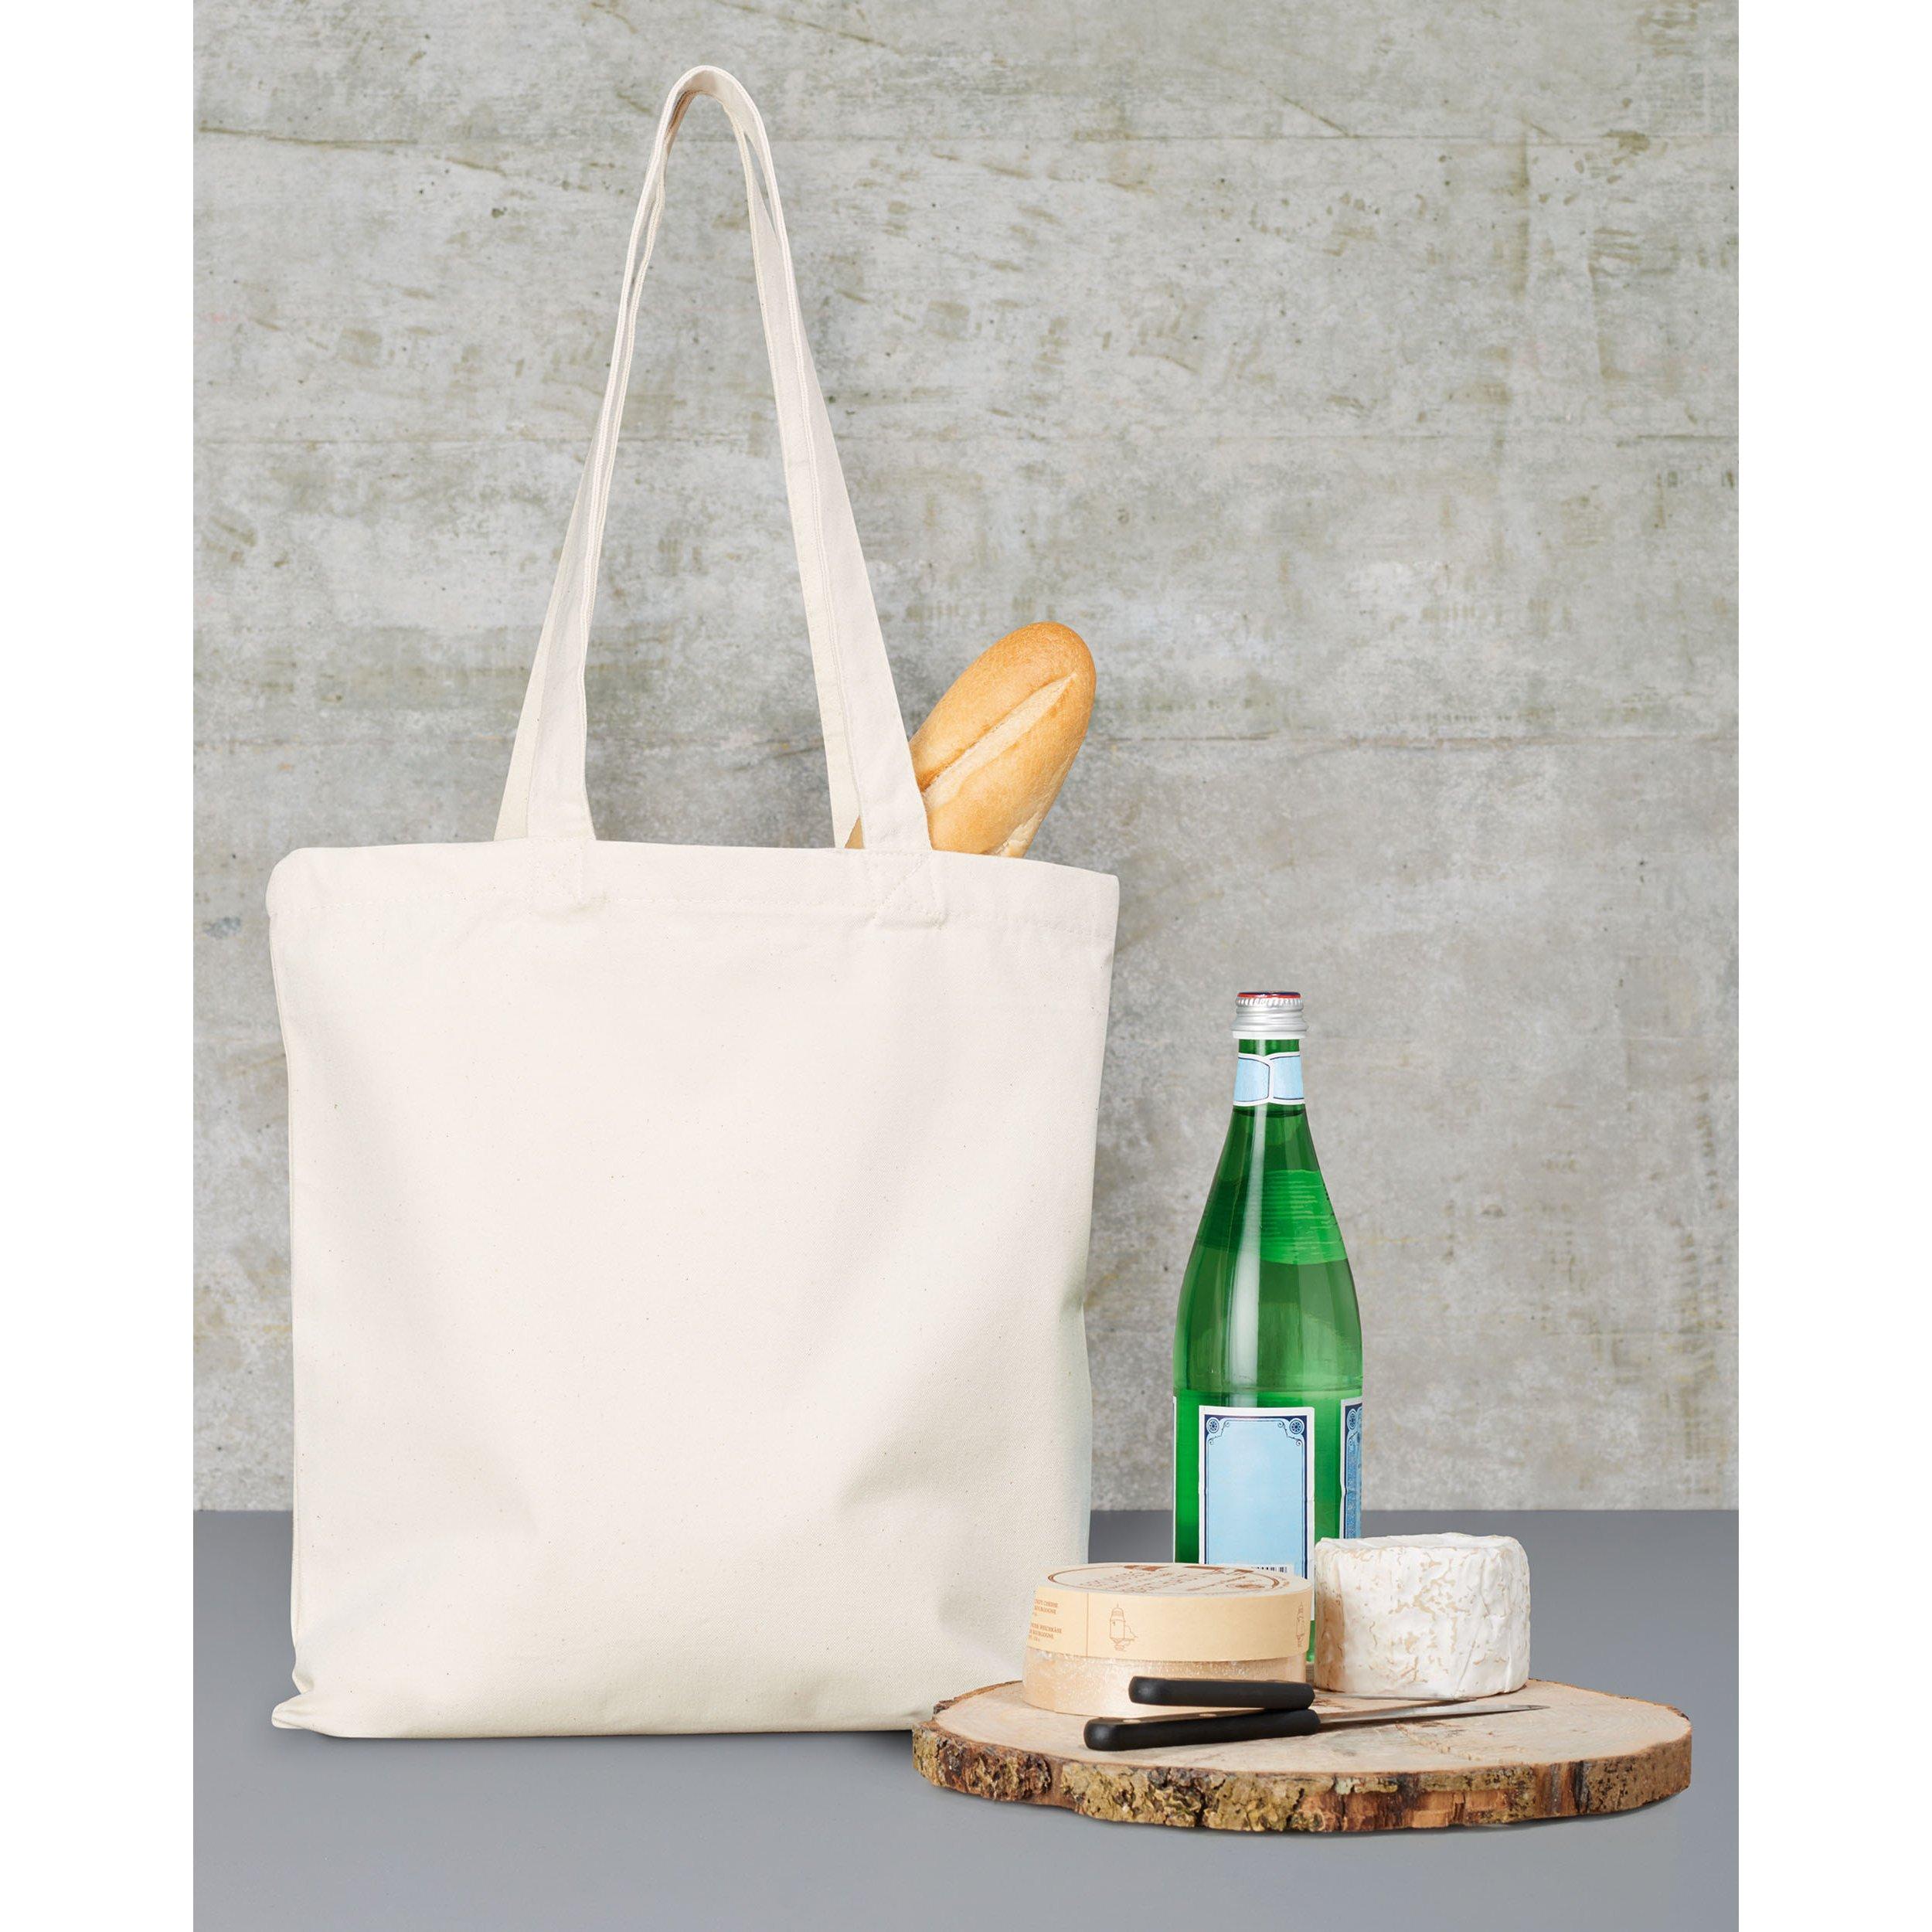 Bags by Jassz Fir tote bag